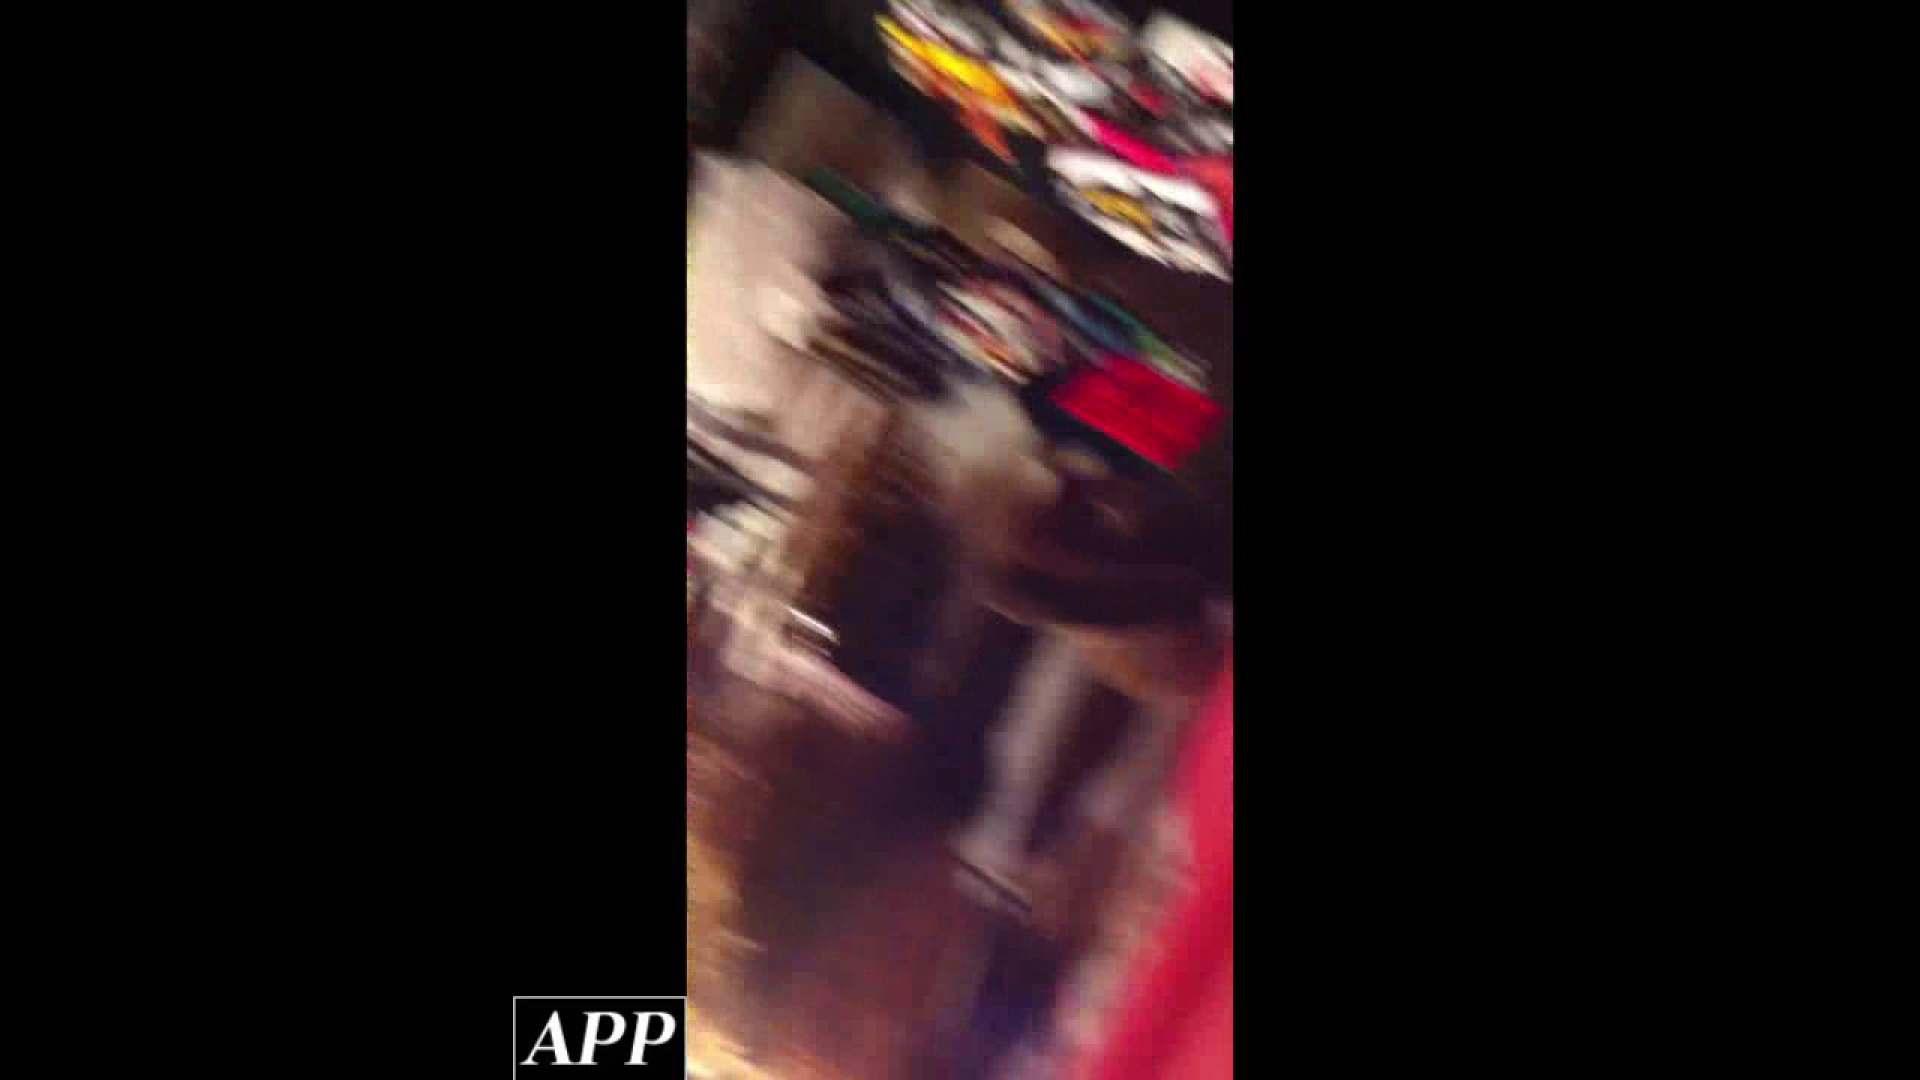 ハイビジョン盗撮!ショップ店員千人斬り!胸チラ編 vol.91 胸チラ すけべAV動画紹介 70連発 40